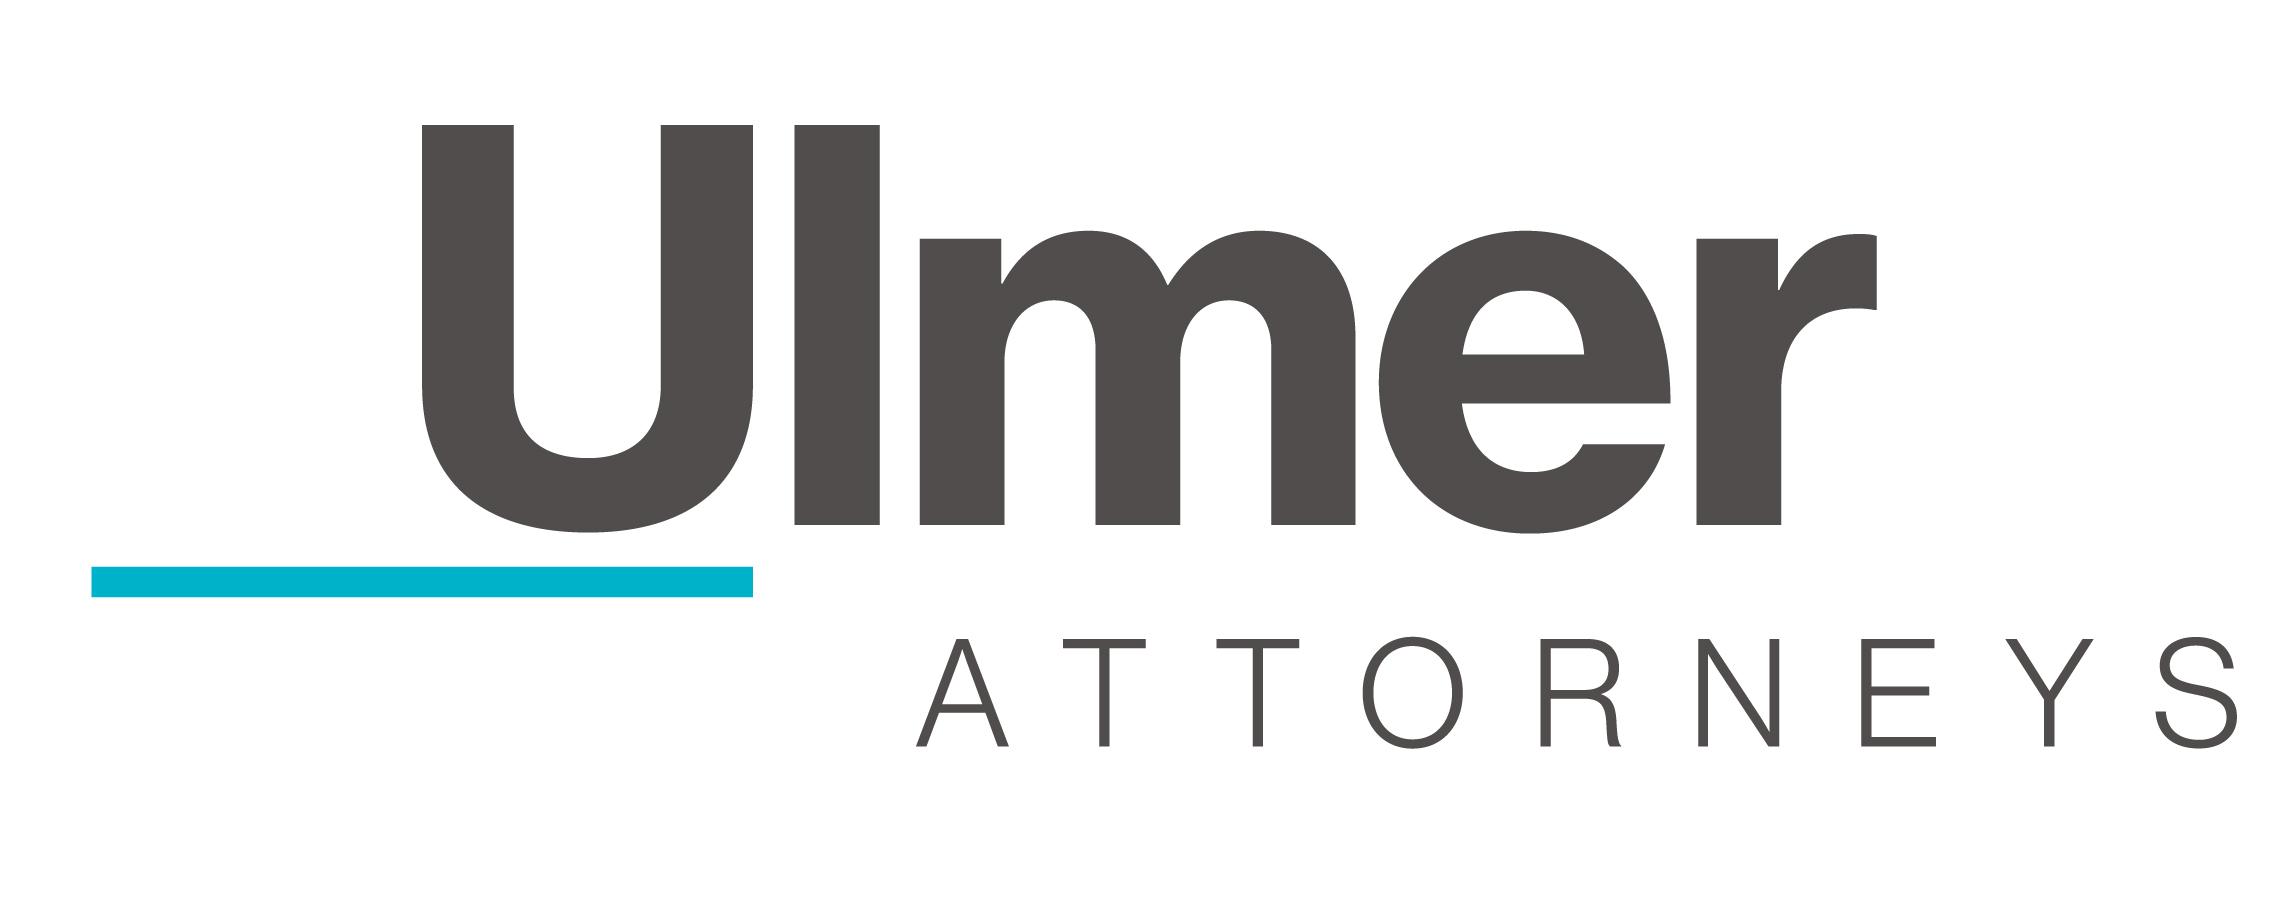 Ulmer & Berne LLP Attorneys